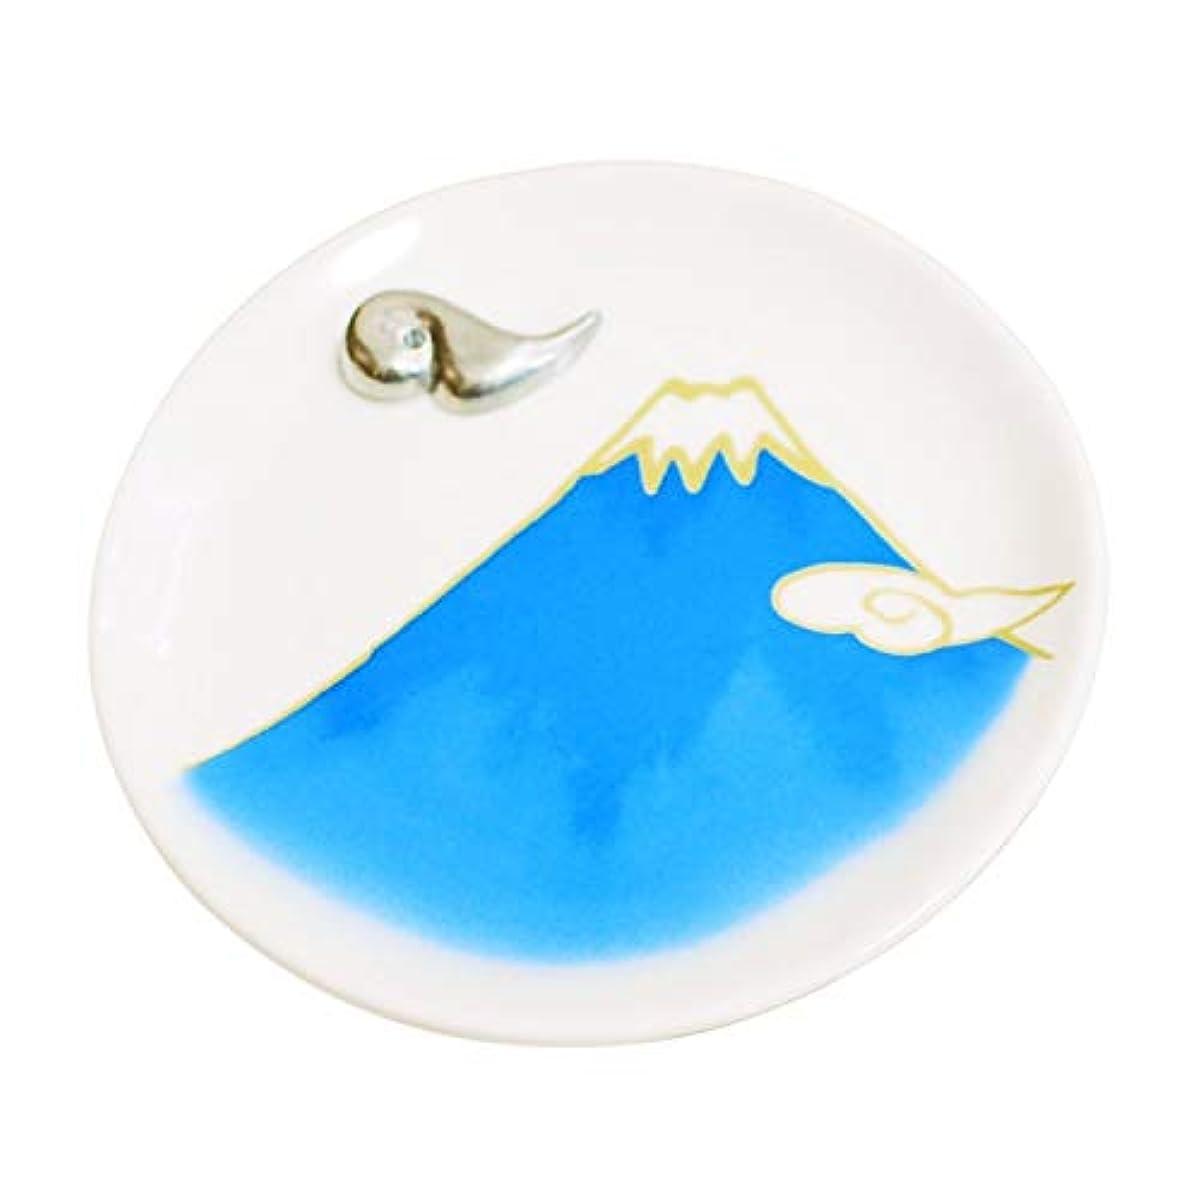 筋肉の帰するうまれた香皿 富士山 ブルー 雲型香立て付 青富士 香立 お線香立て Cセット